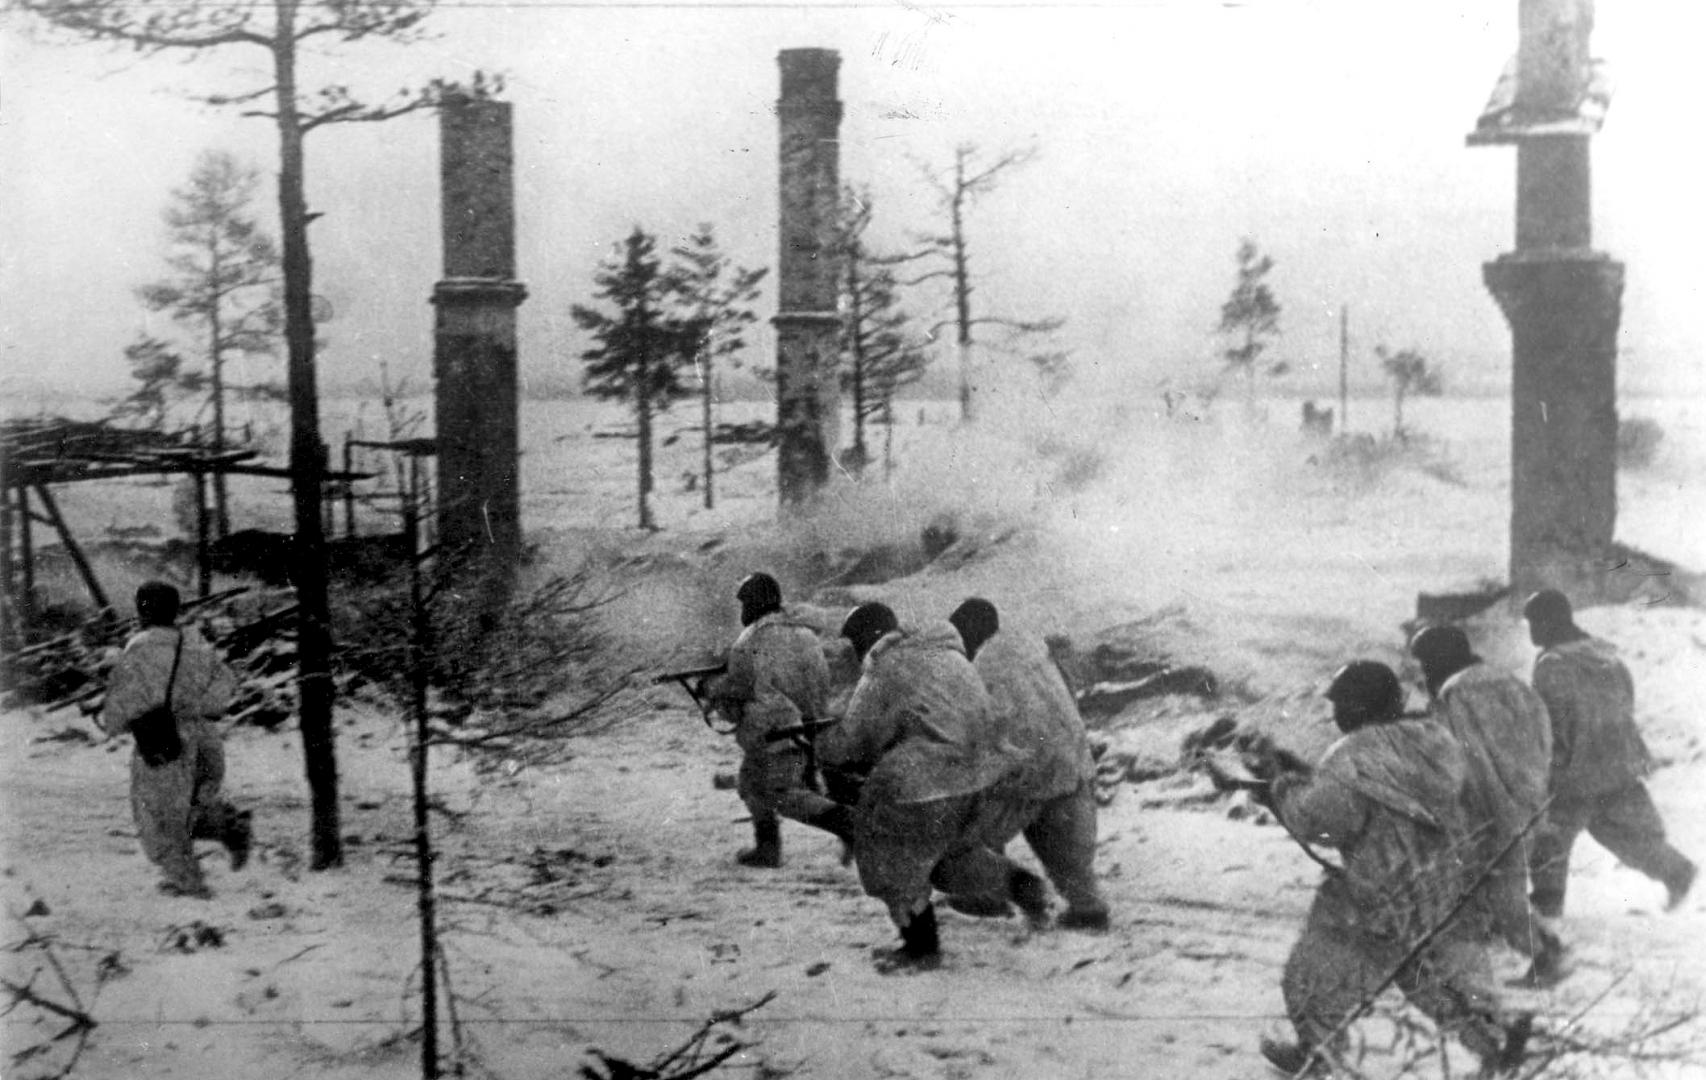 Прорыв блокады Ленинграда. Наступает Волховский фронт. Январь 1943